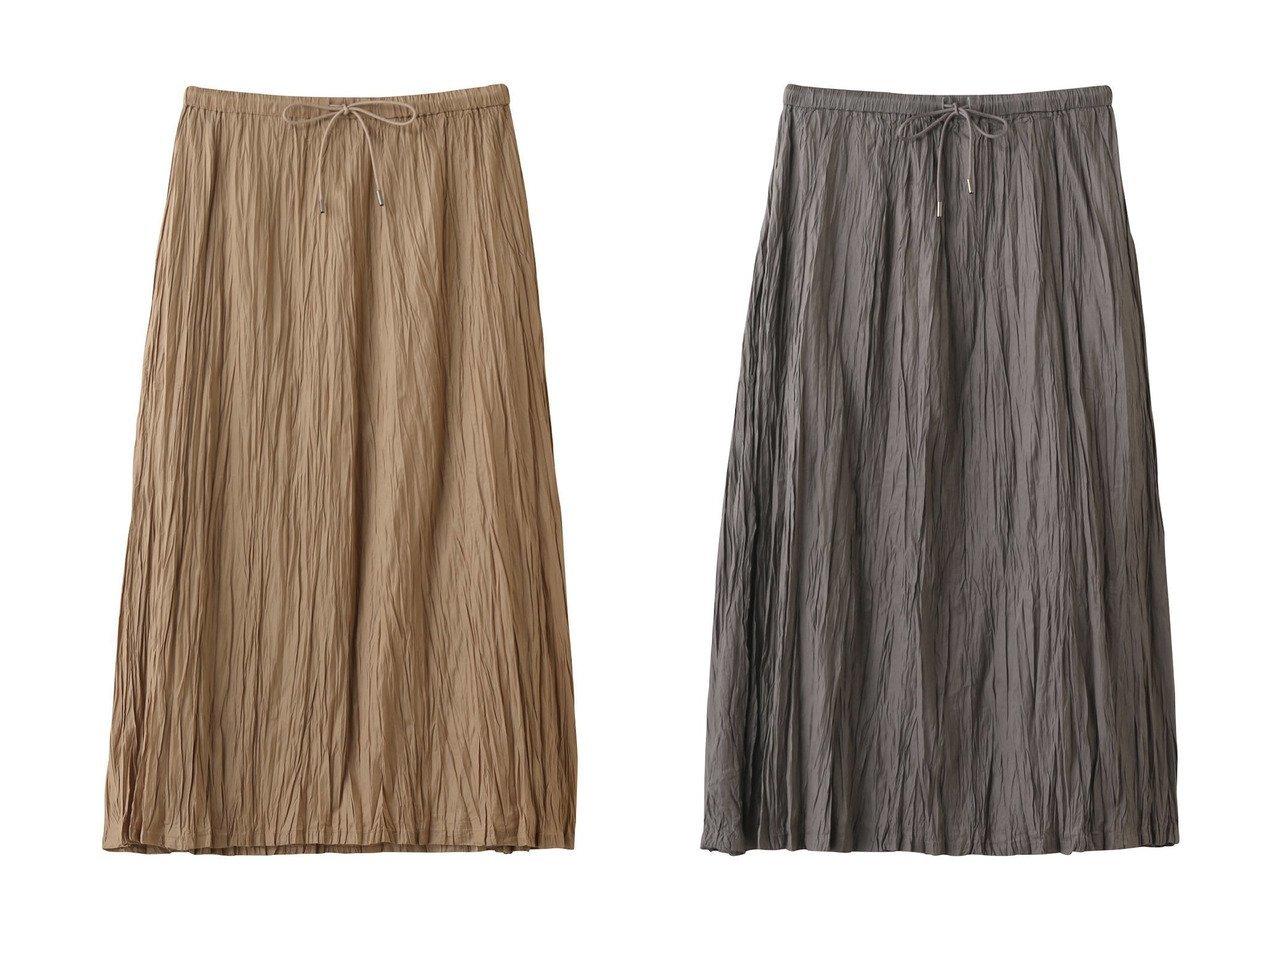 【MIDIUMISOLID/ミディウミソリッド】のスカート 【スカート】おすすめ!人気、トレンド・レディースファッションの通販 おすすめで人気の流行・トレンド、ファッションの通販商品 インテリア・家具・メンズファッション・キッズファッション・レディースファッション・服の通販 founy(ファニー) https://founy.com/ ファッション Fashion レディースファッション WOMEN スカート Skirt ロングスカート Long Skirt シンプル フレア ロング |ID:crp329100000069145